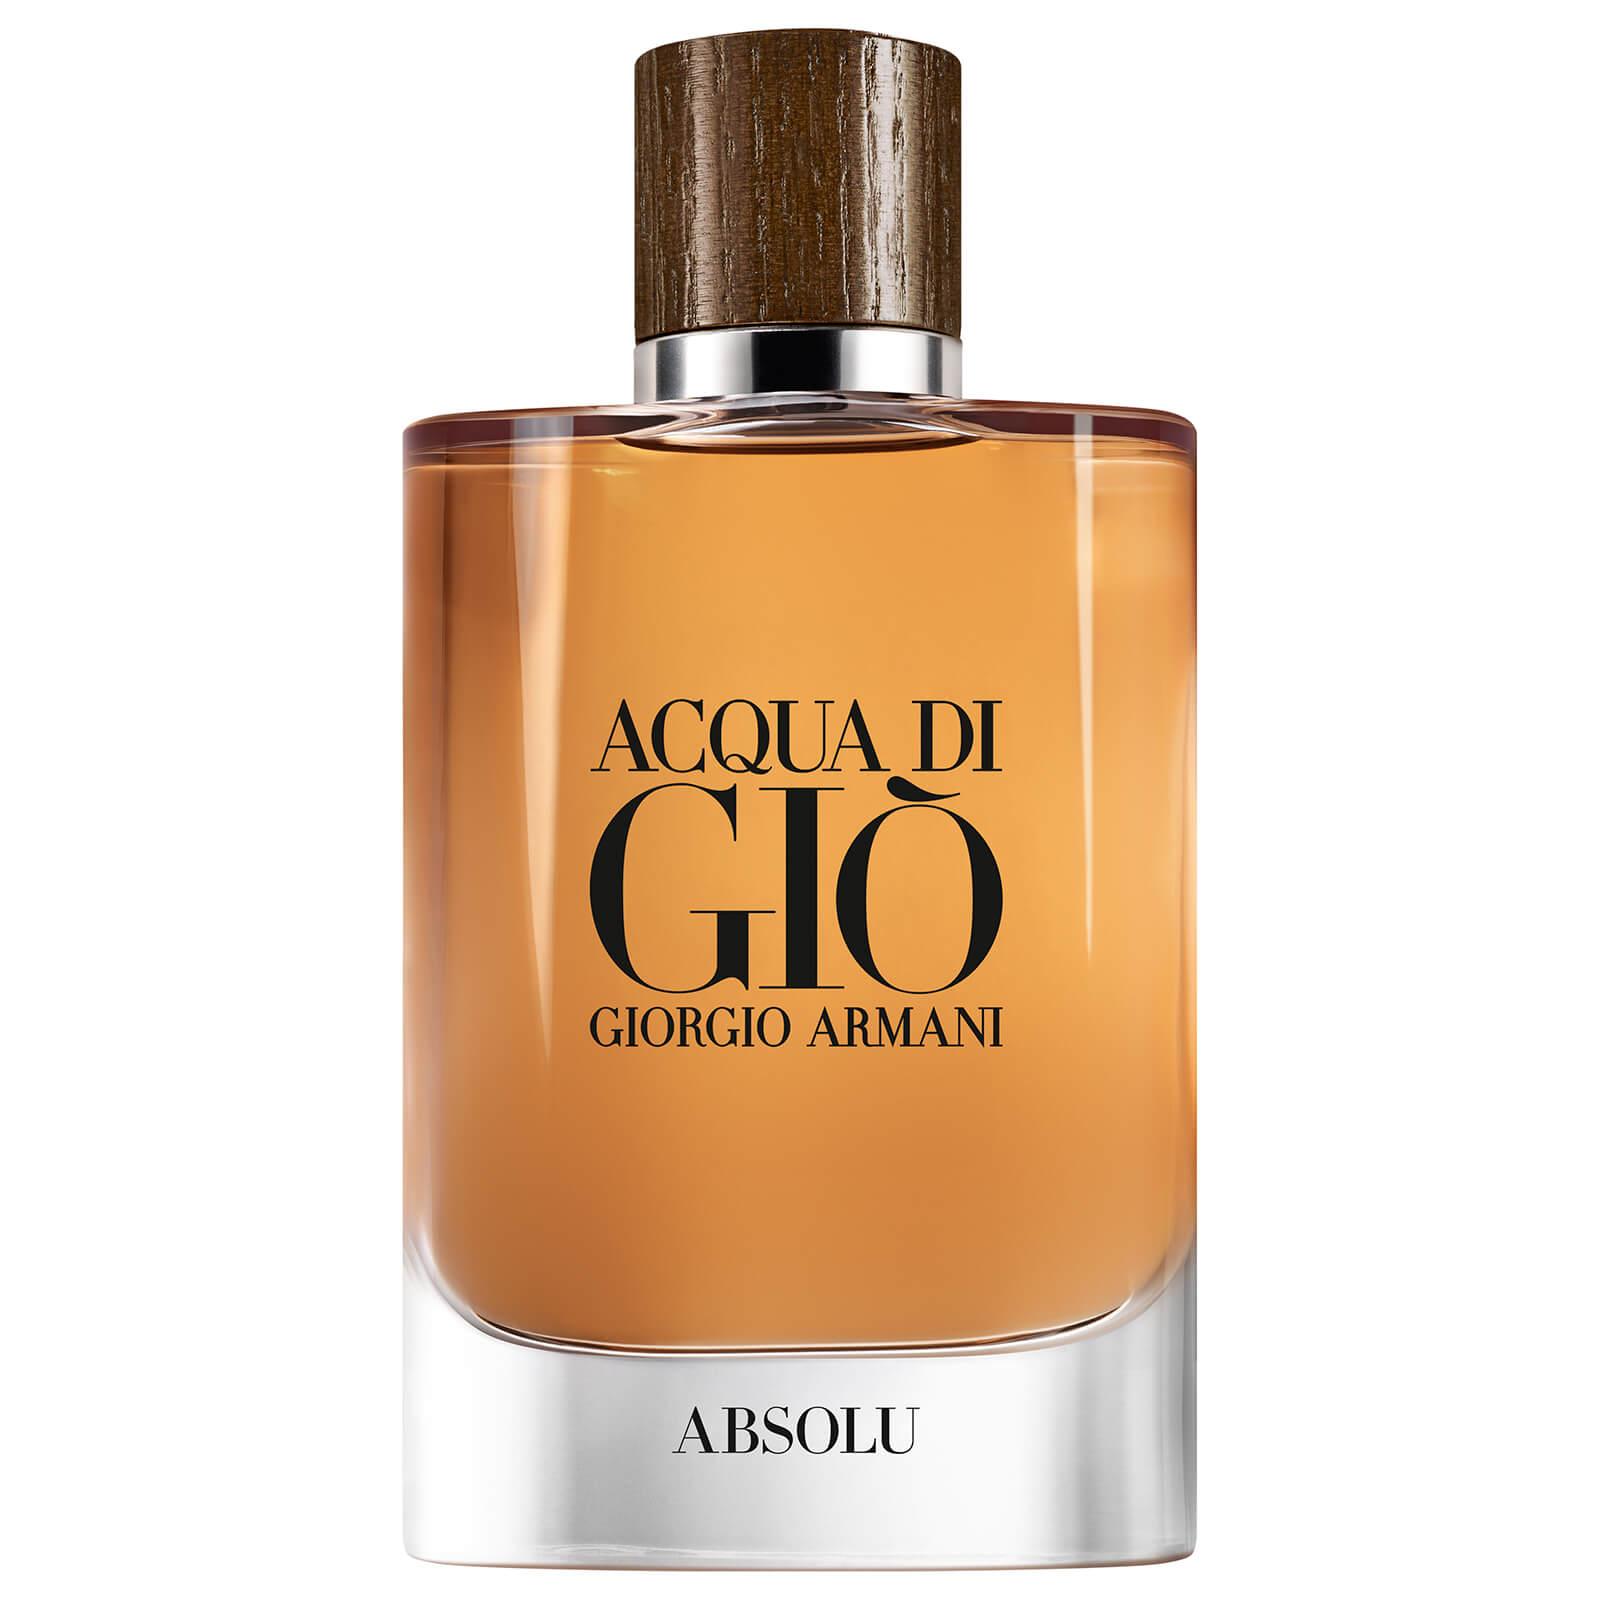 dc4c74be17 Giorgio Armani Acqua Di Gio Homme Absolu Eau de Parfum